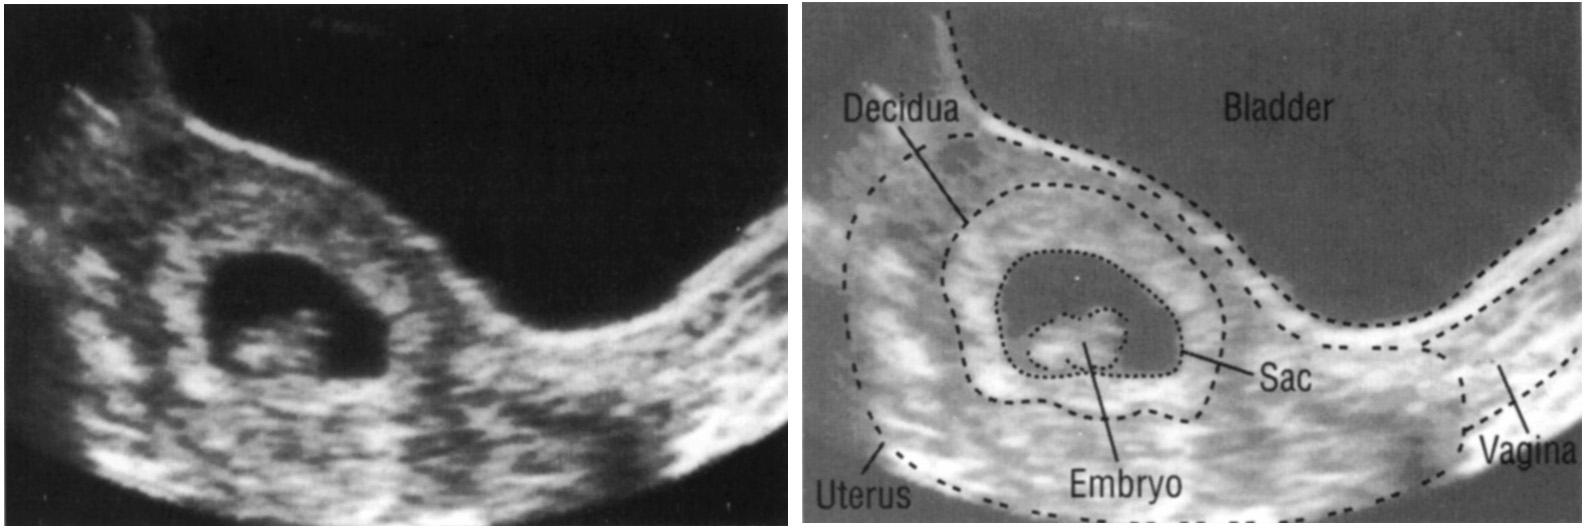 Анэмбриония: причины синдрома пустого плодного яйца, диагностика, методы лечения, профилактика патологии